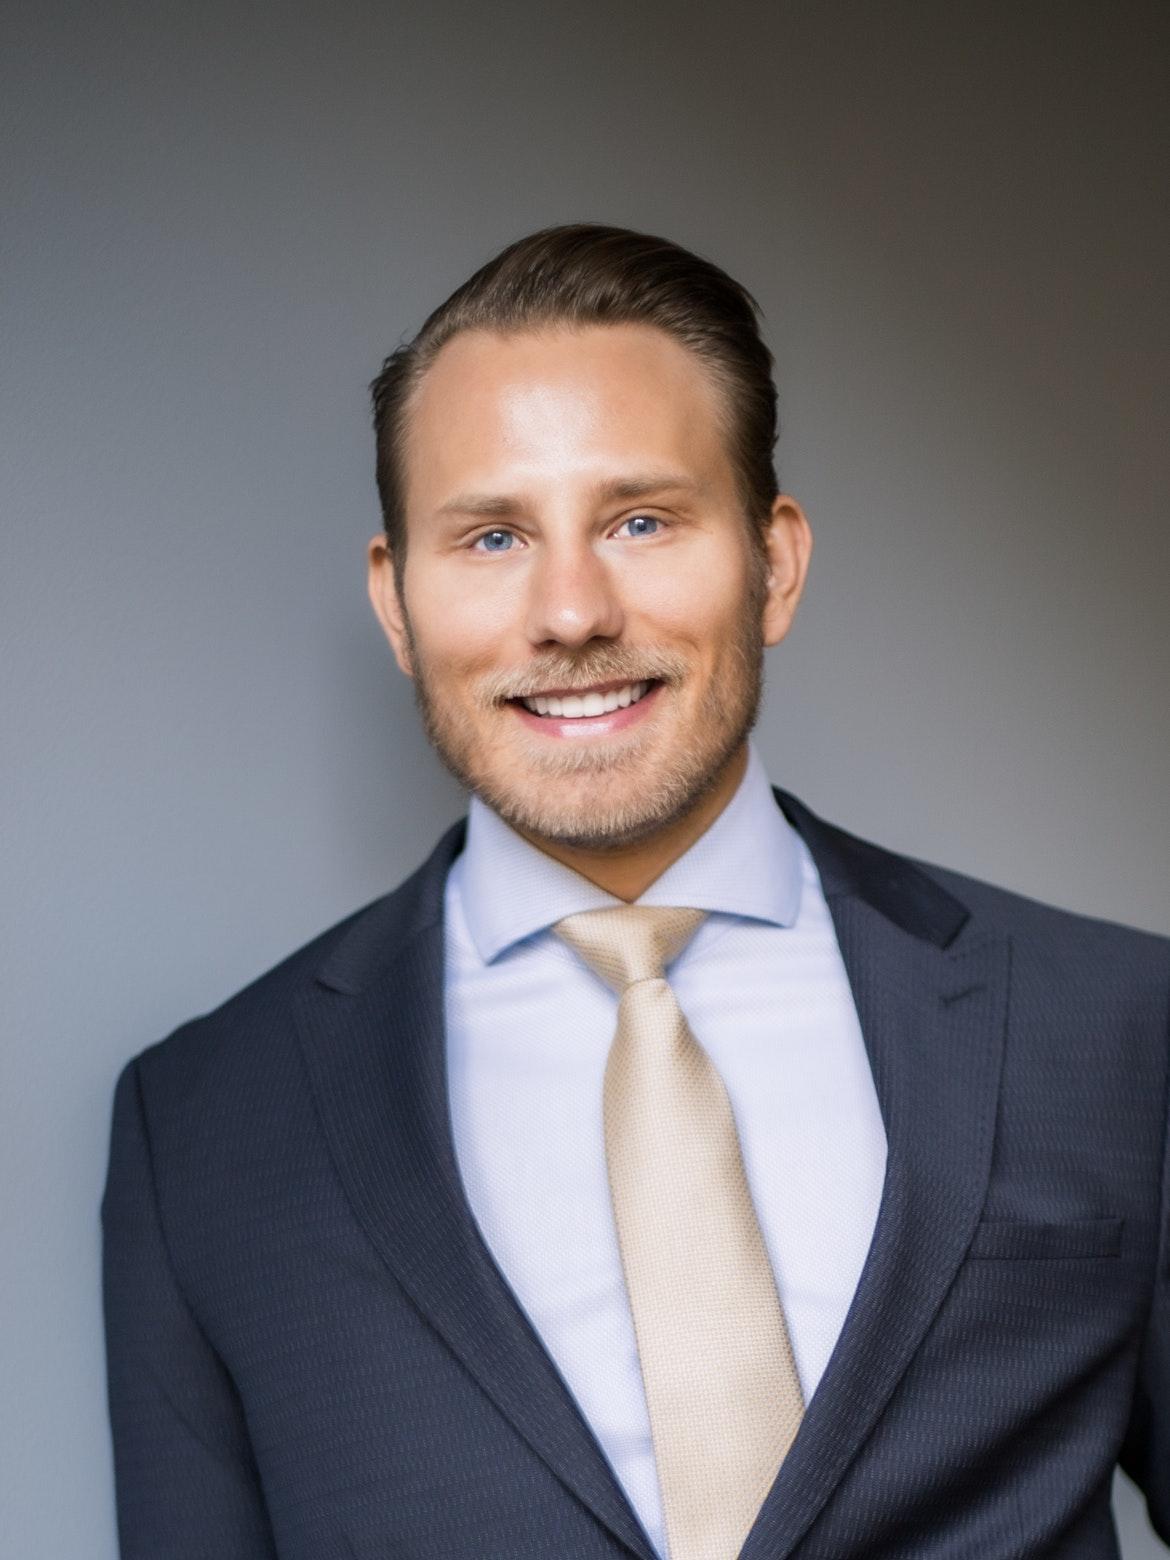 Lars Henrik Windhaug 1 1